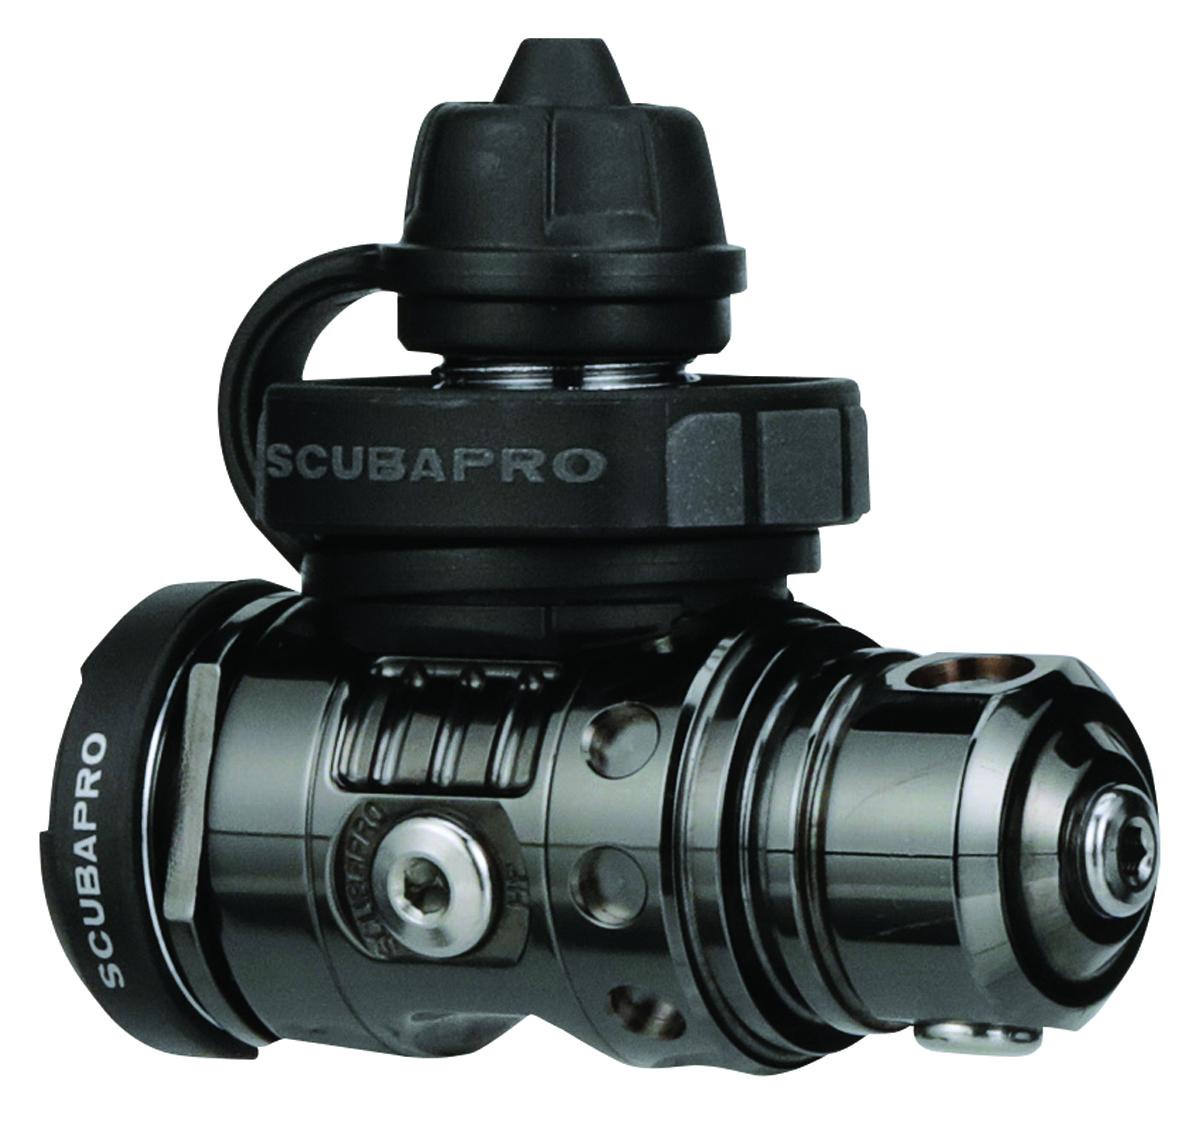 Карбонов водолазен регулатор MK19 EVO BLACK TECH / G260 CARBON BLACK TECH – Scubapro